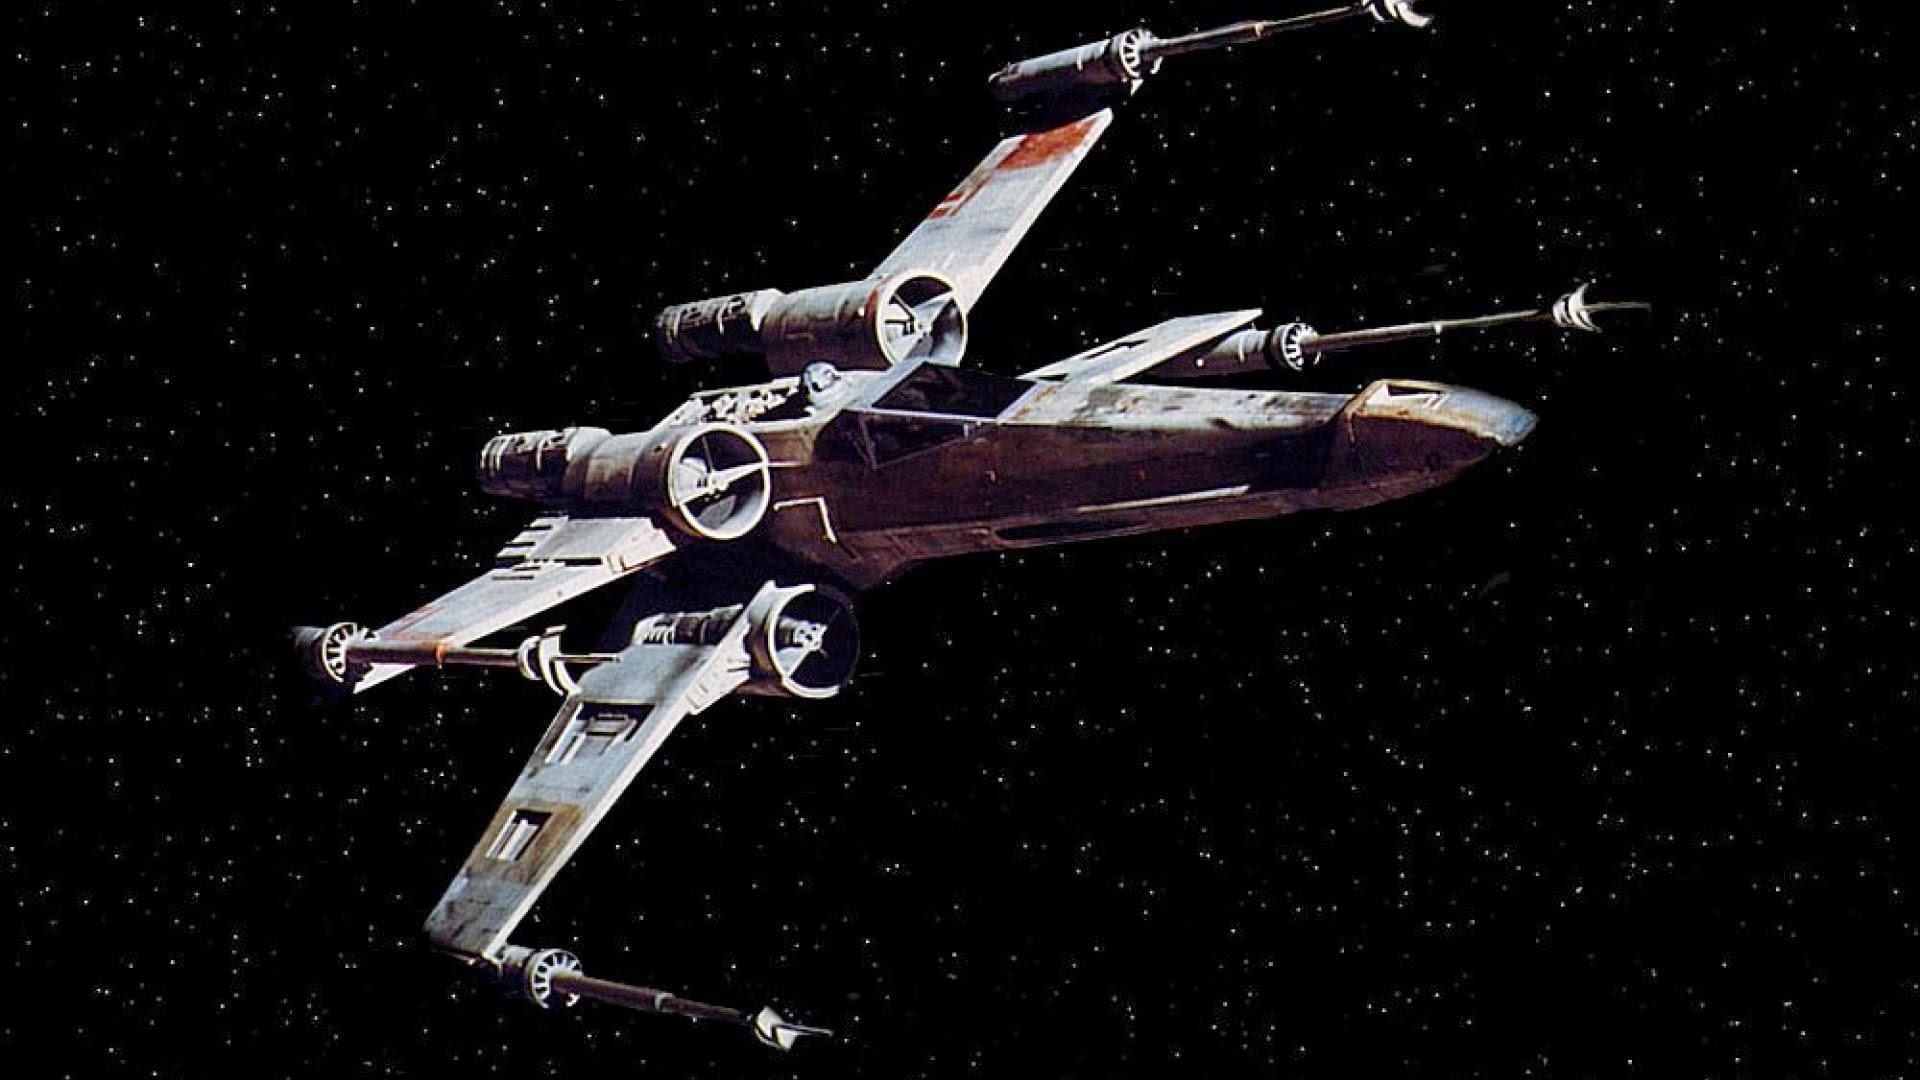 star wars x wing spaceship futuristic space sci fi xwing